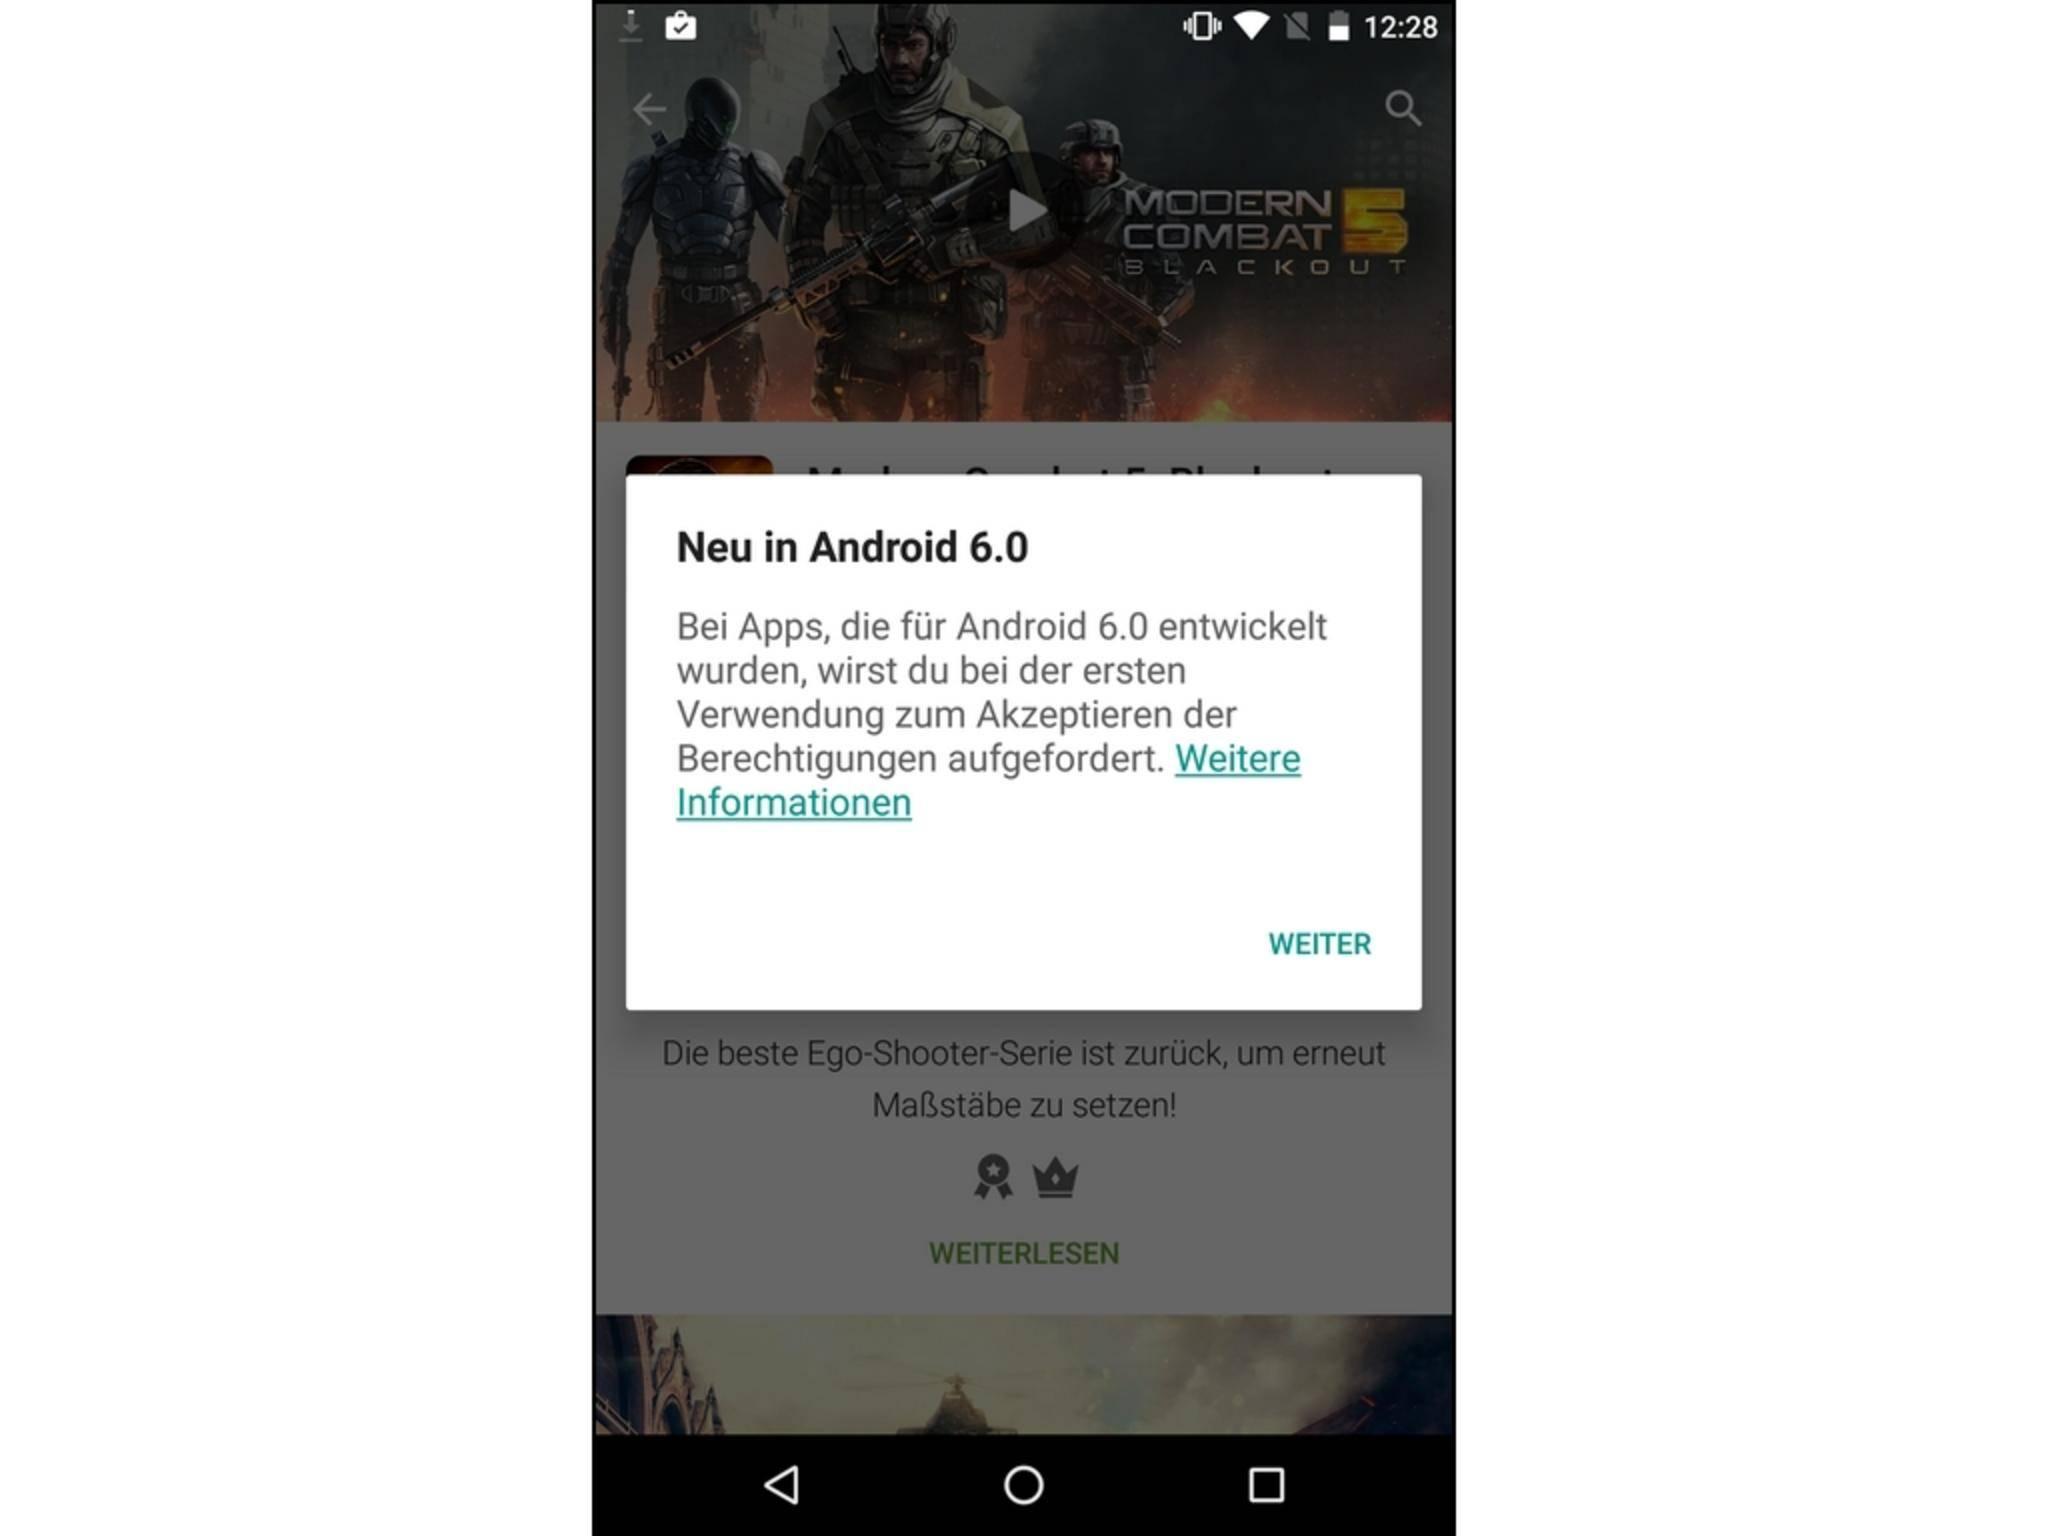 Die Berechtigungen für Apps müssen in Android 6.0 nicht mehr bei der Installation erteilt werden.